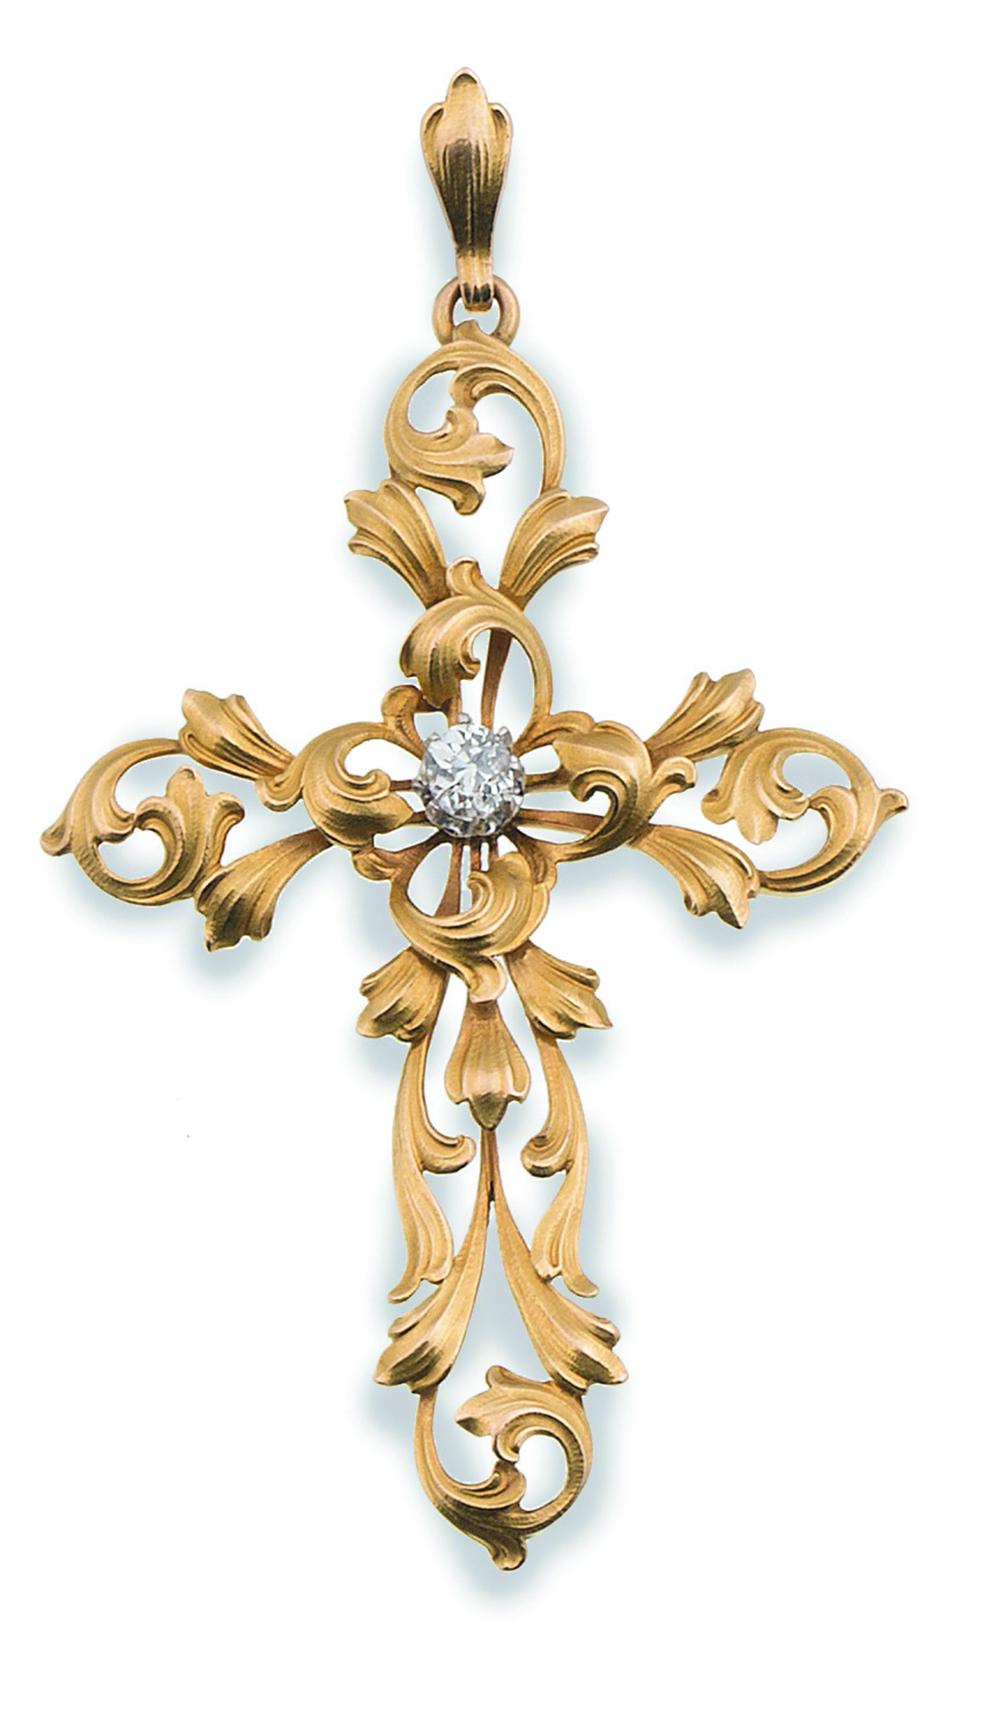 Lot 29 - Cruz Art Nouveau con brillante central de 0,35 ct y brazos en forma de ramas entrelazadas En oro